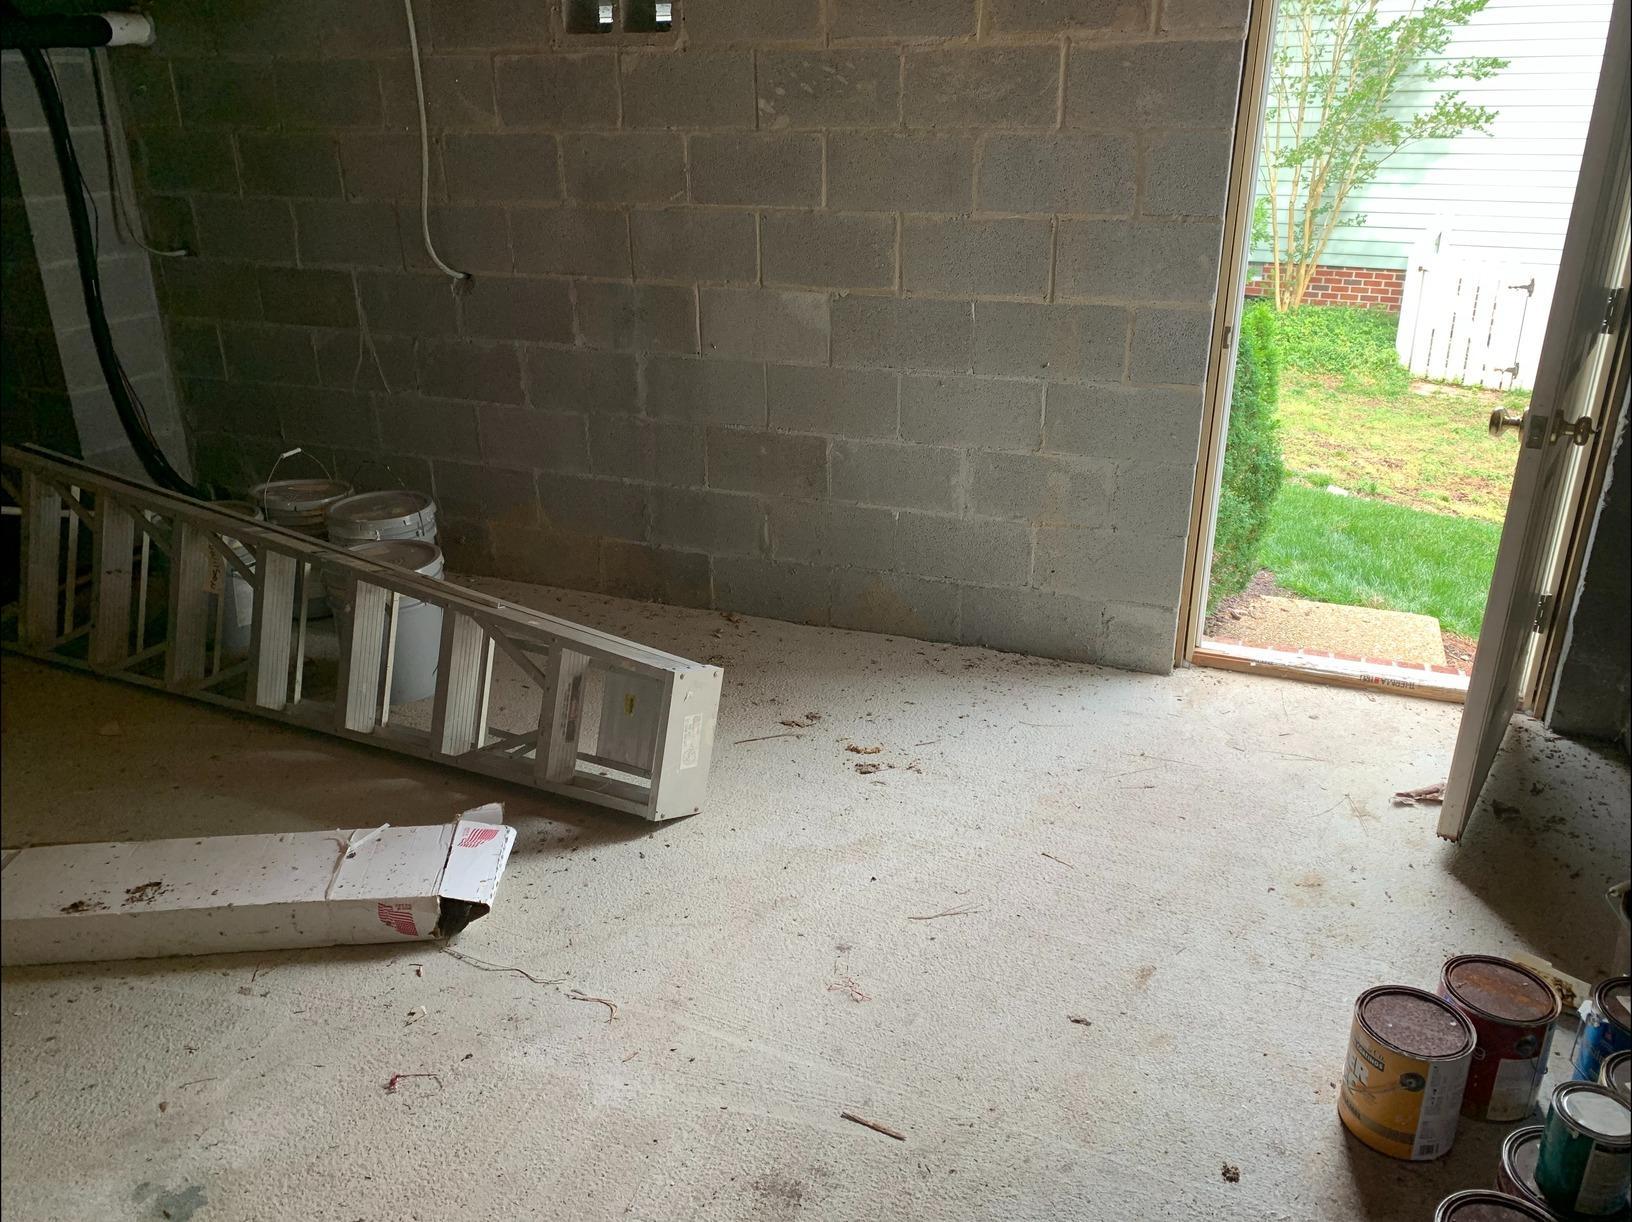 Basement Decluttering in Williamsburg, VA - After Photo